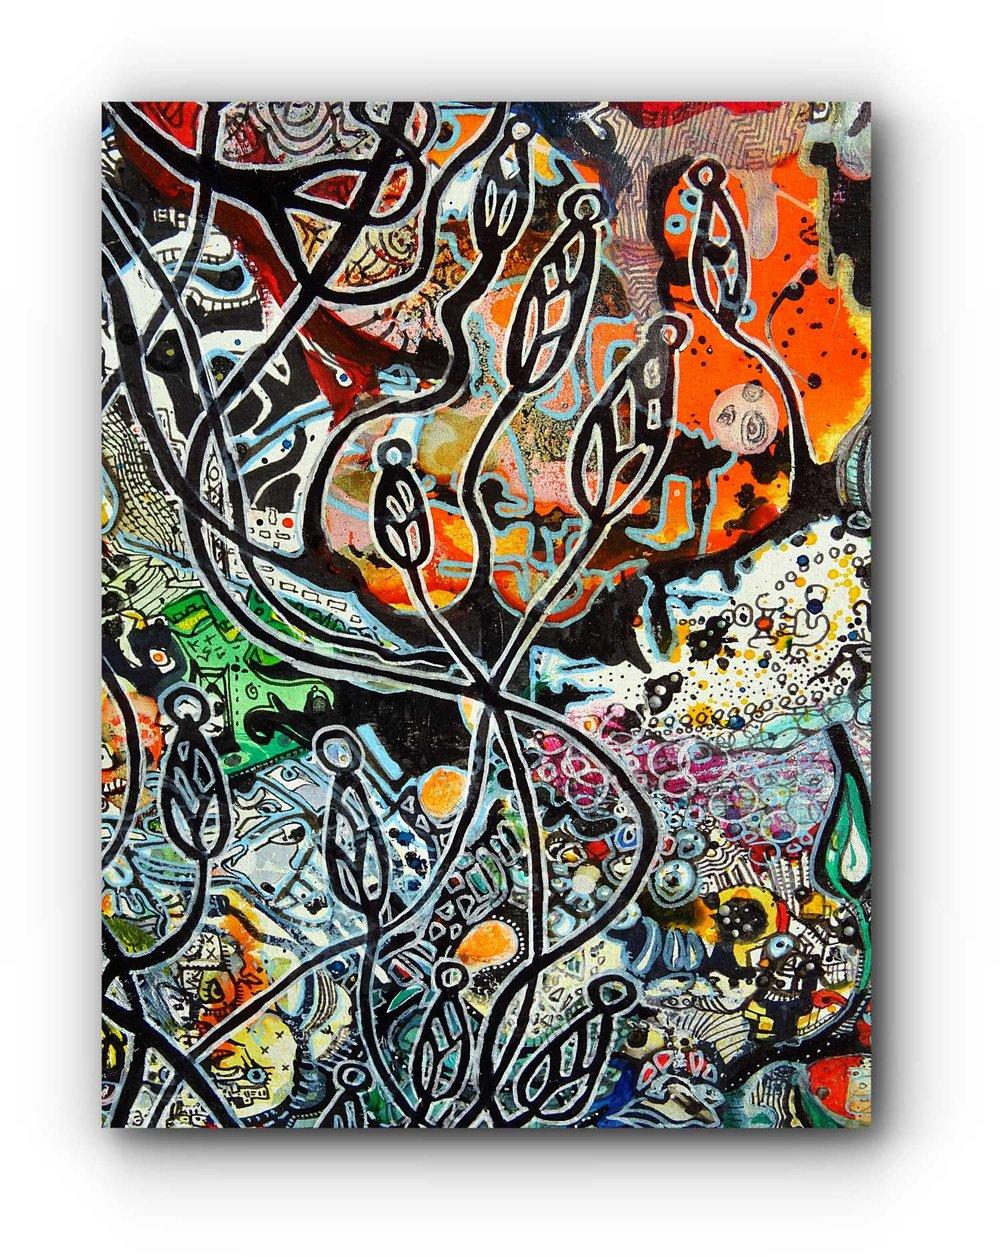 painting-detail-11-medeina-artist-duo-ingress-vortices.jpg